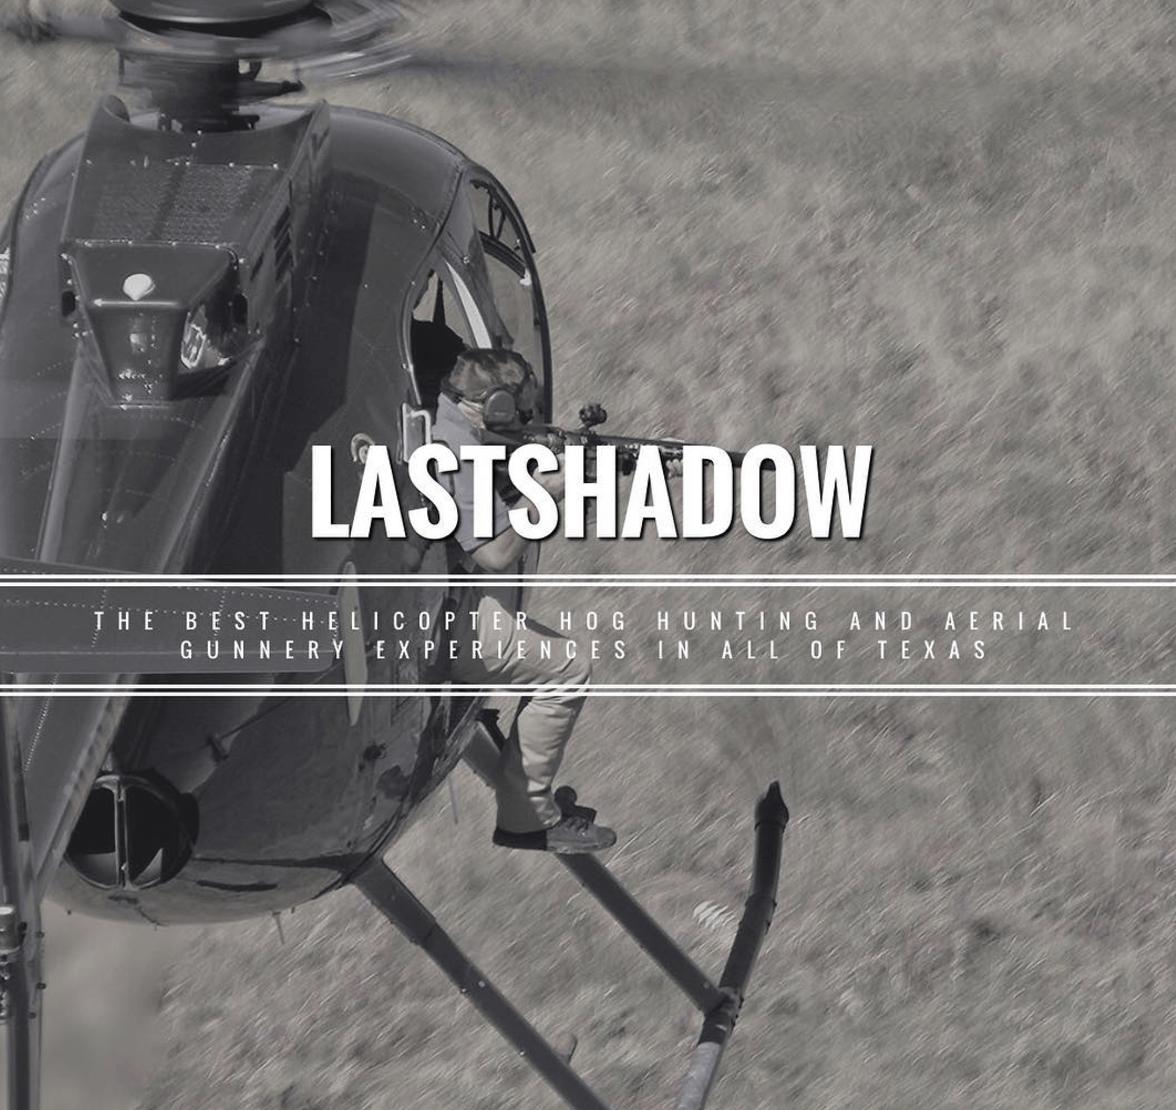 Last Shadow: Night Vision Shooting / Driving